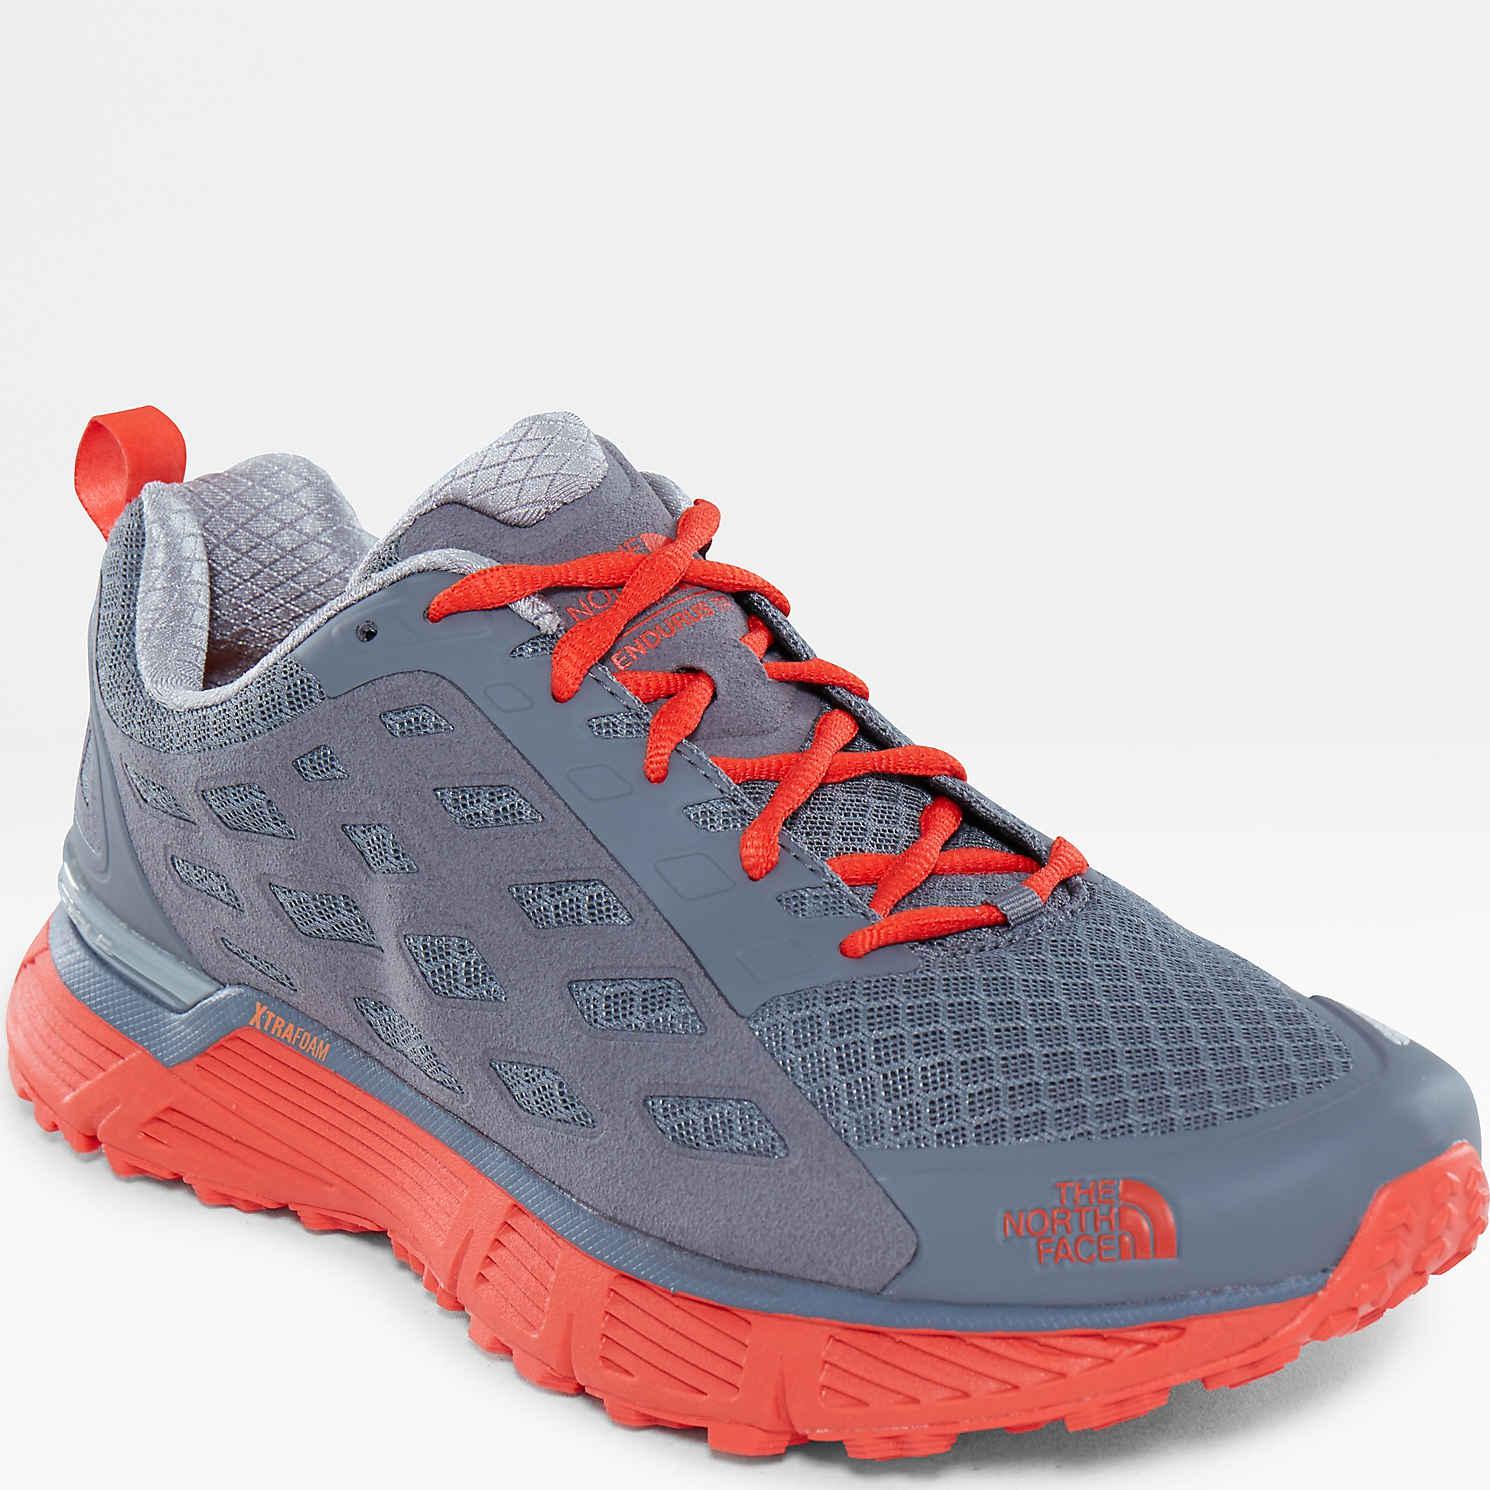 מעולה WALK IN נעלי הרים |נעלי טיולים |נעלי הליכה ומסעות - יצרנים: Vibram AR-72